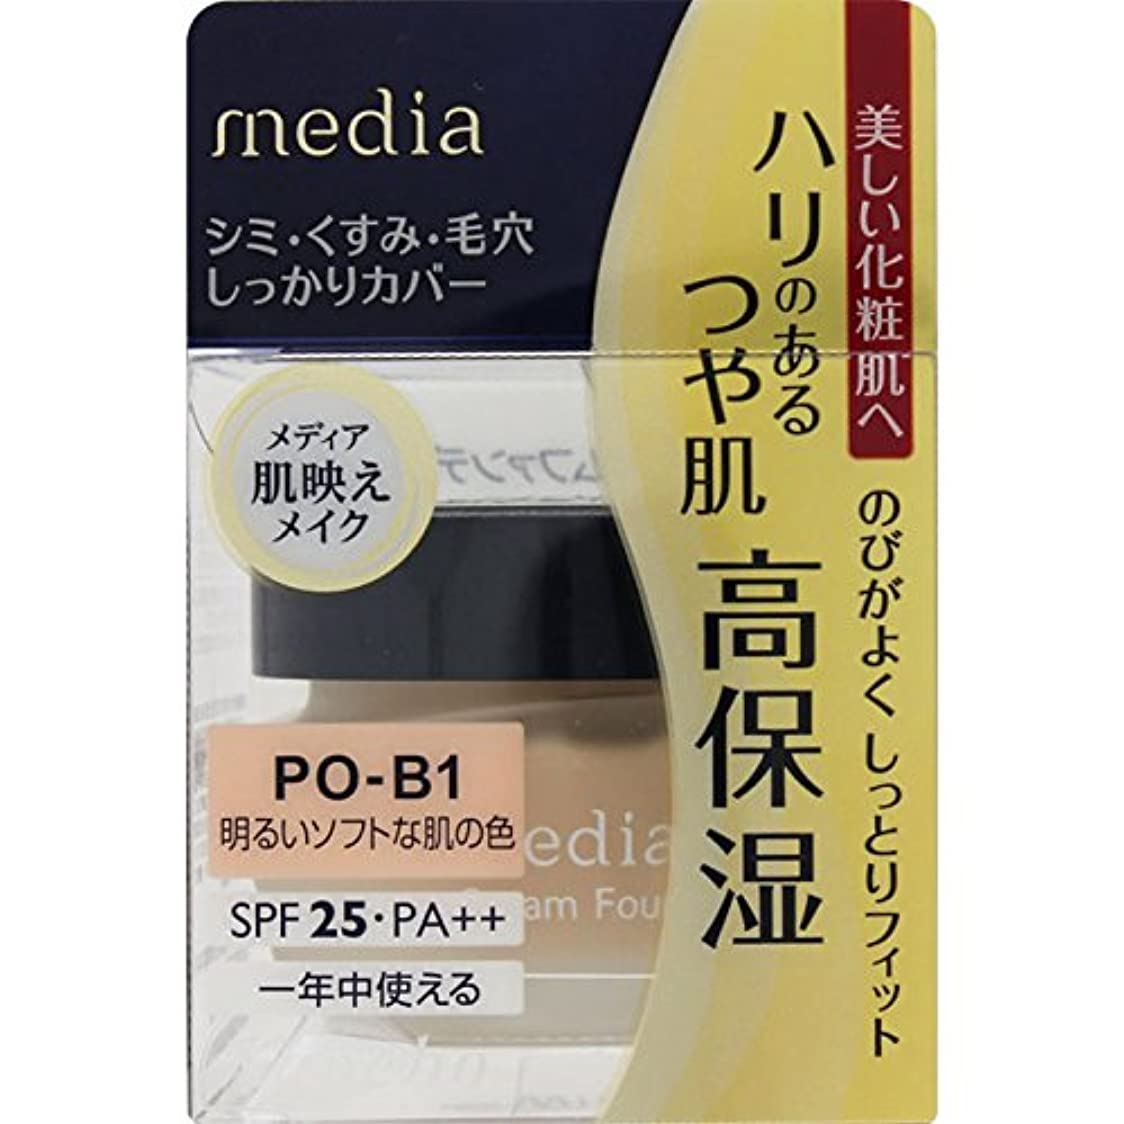 ナイトスポット植物の居眠りするカネボウ化粧品 メディア クリームファンデーション 明るいソフトな肌の色 POーB1